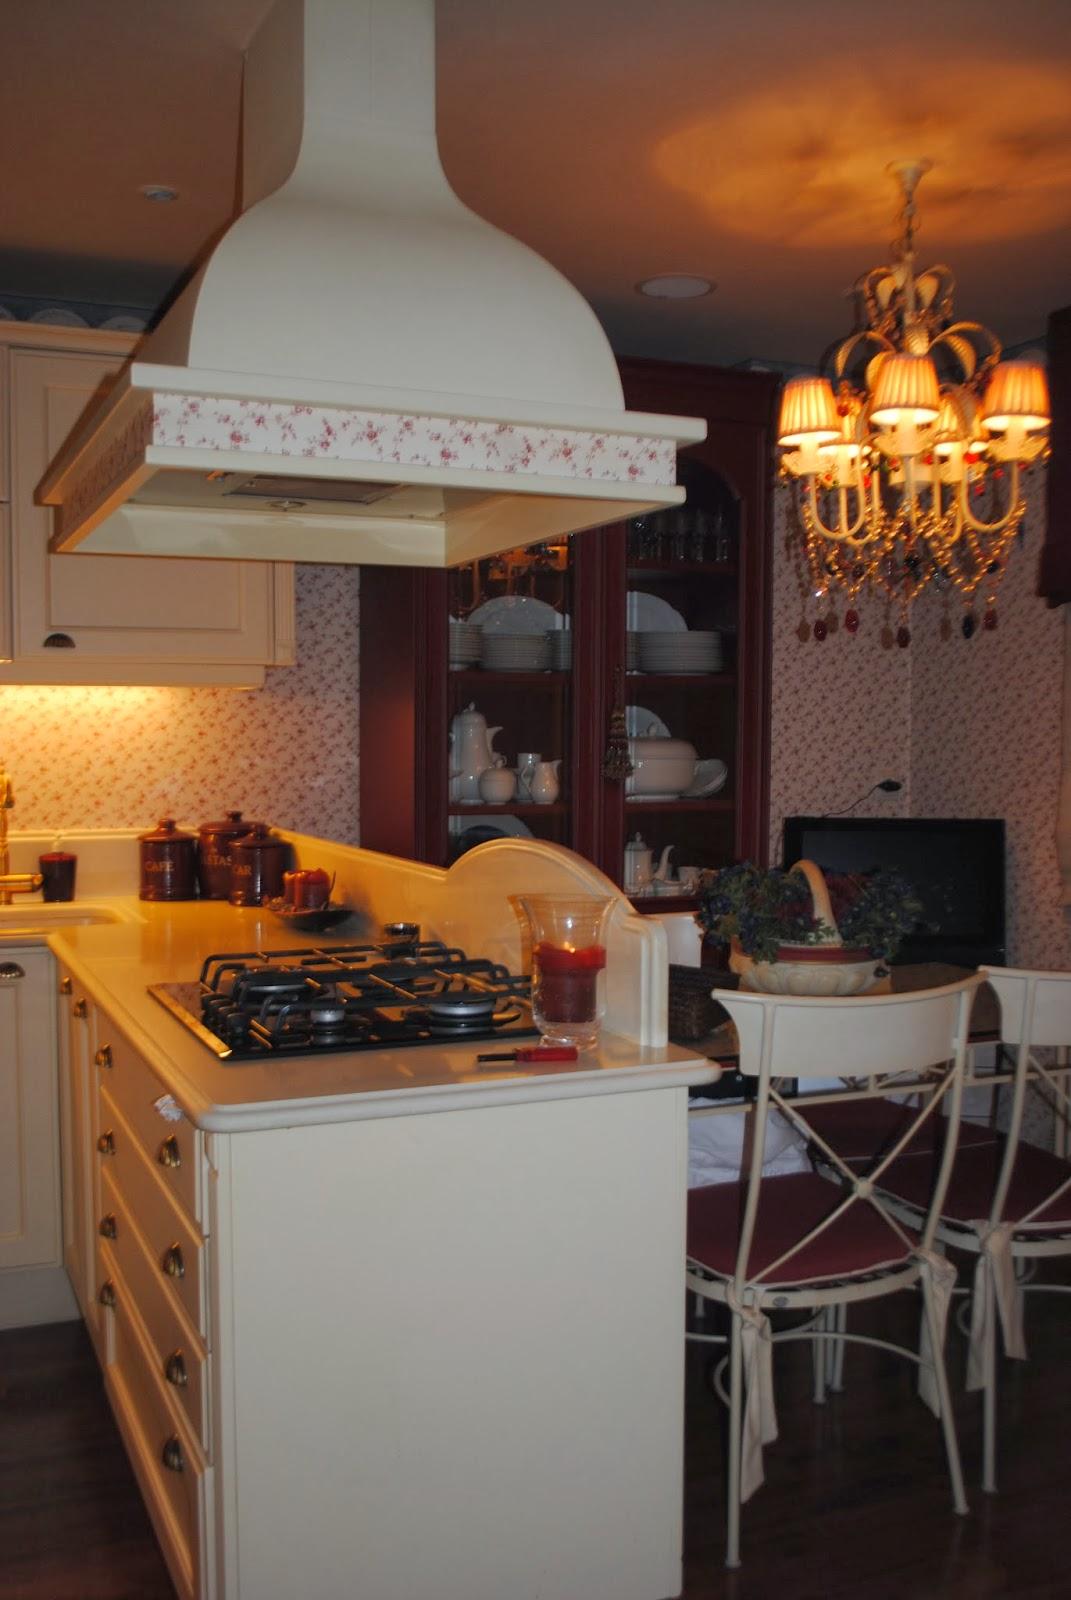 Studio brotons design cocina - Cocinas blanco roto ...